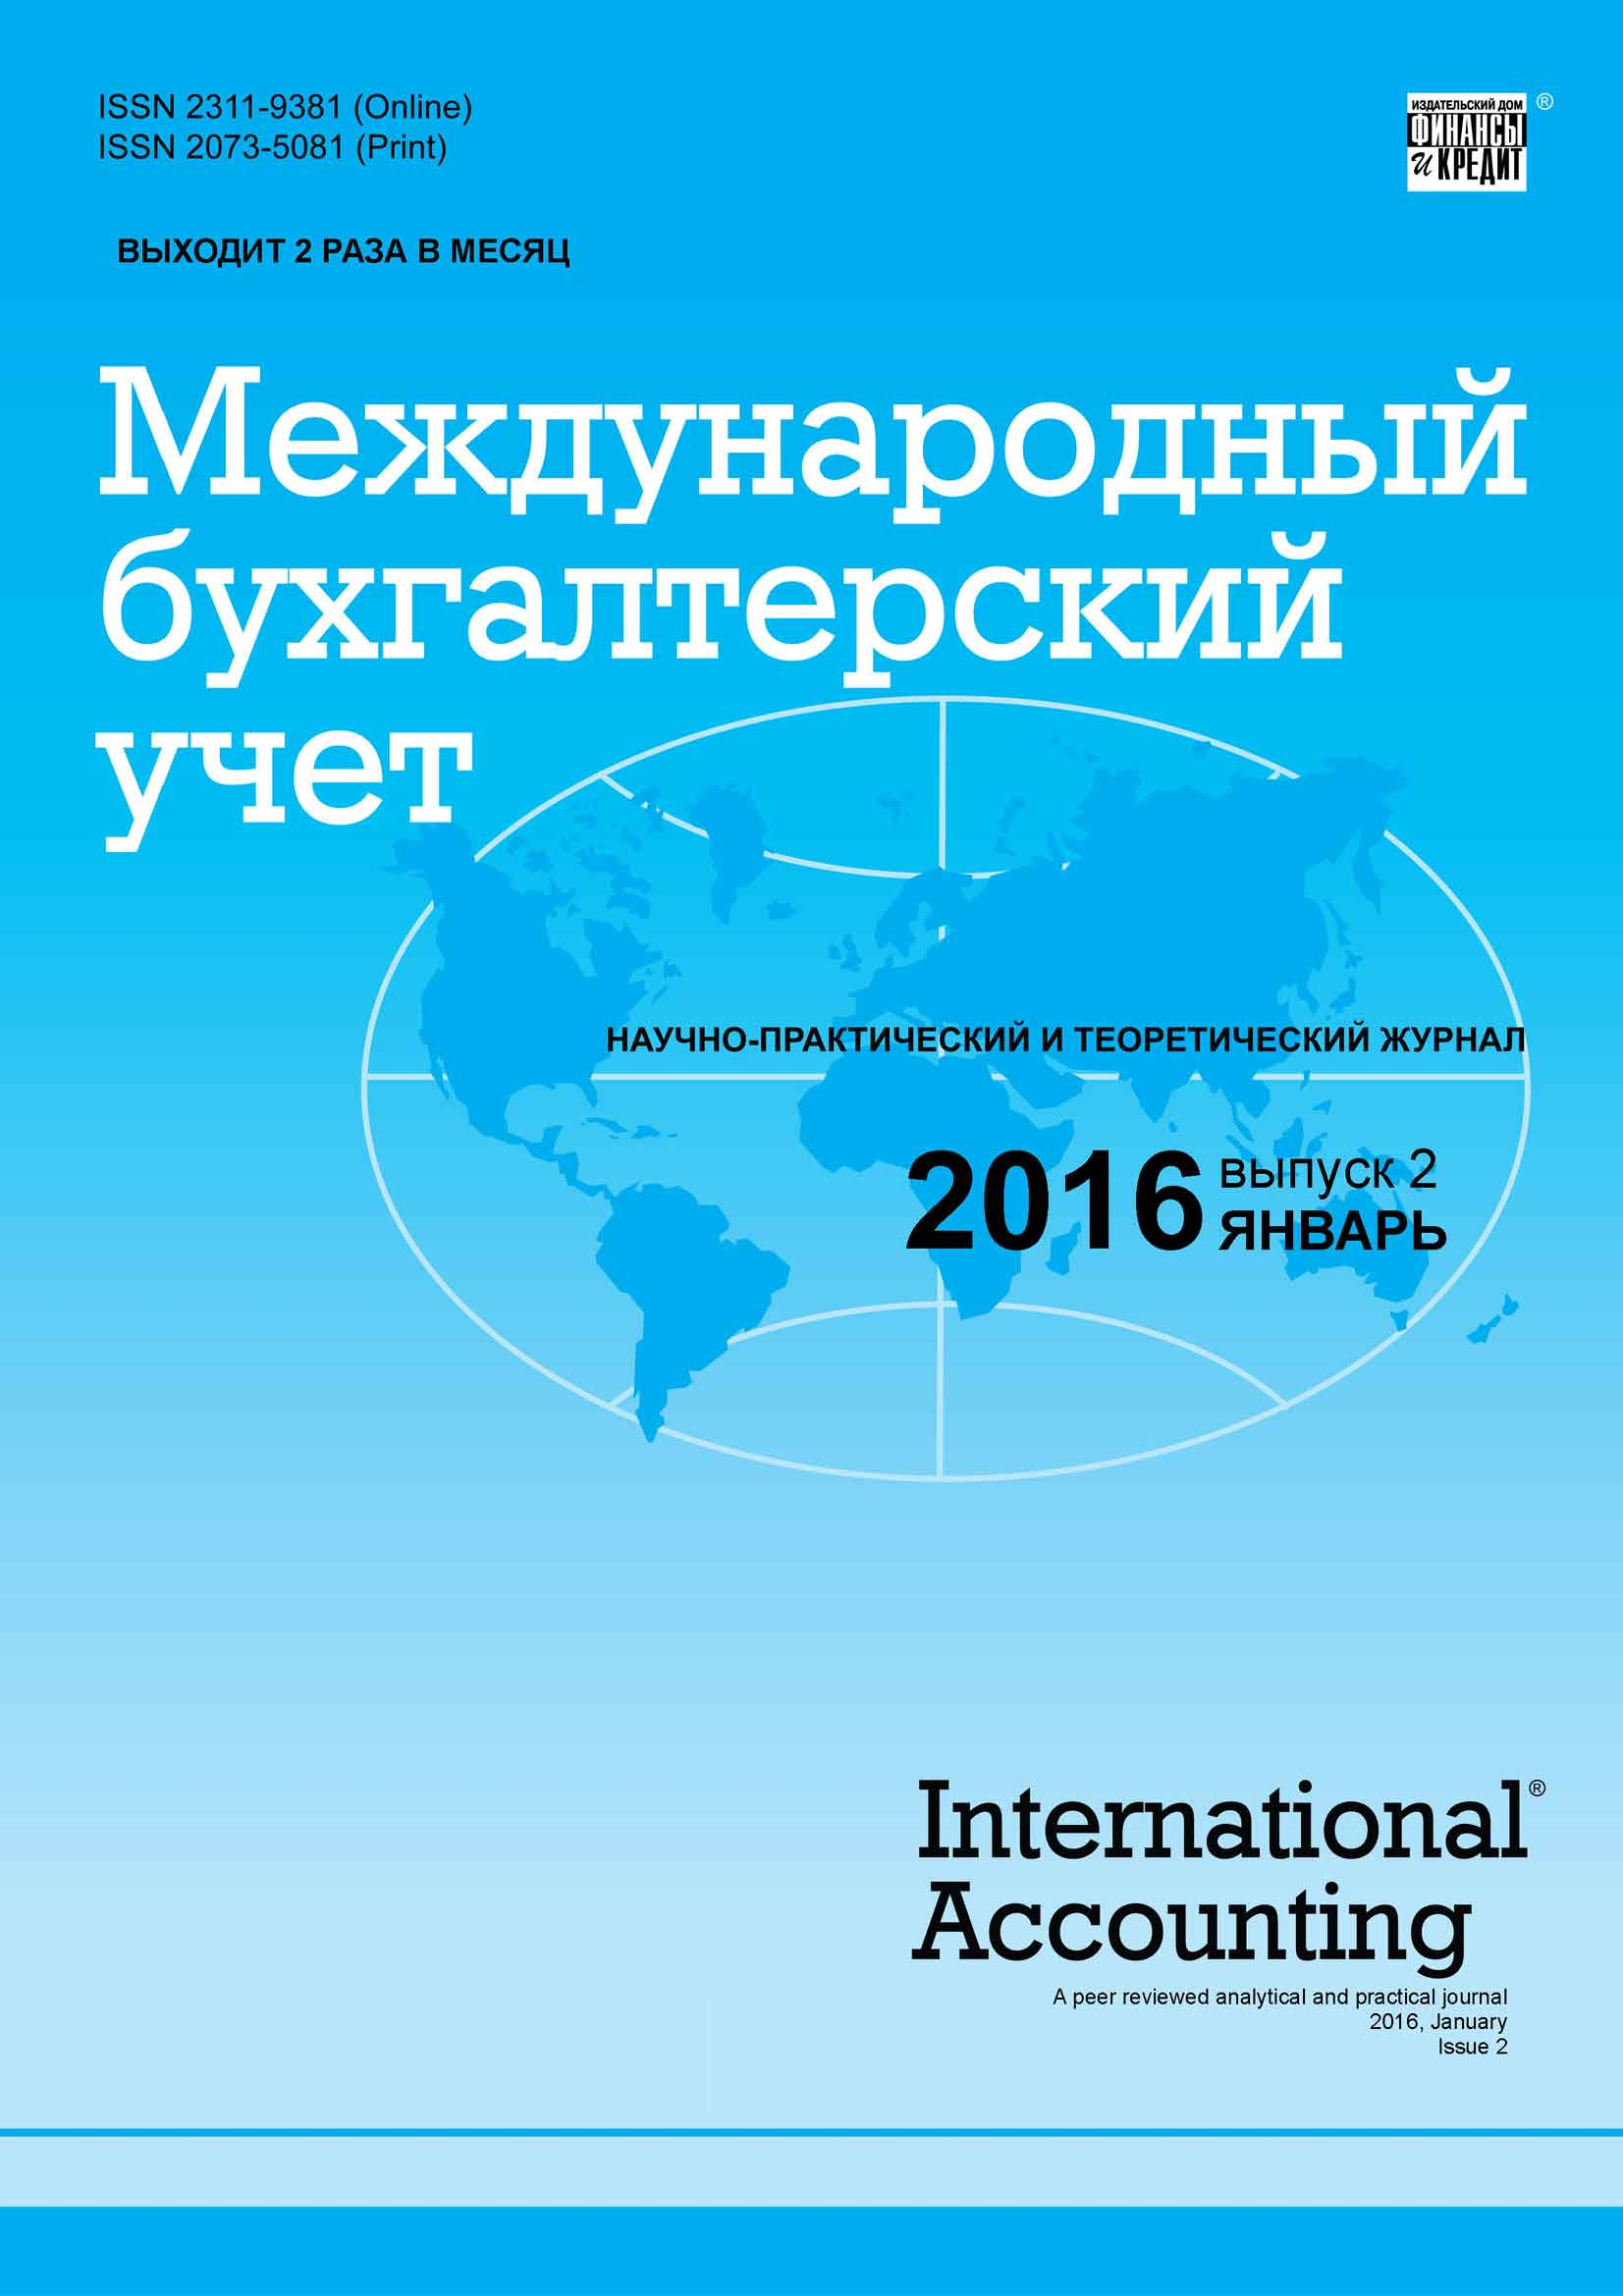 Международный бухгалтерский учет № 2 (392) 2016